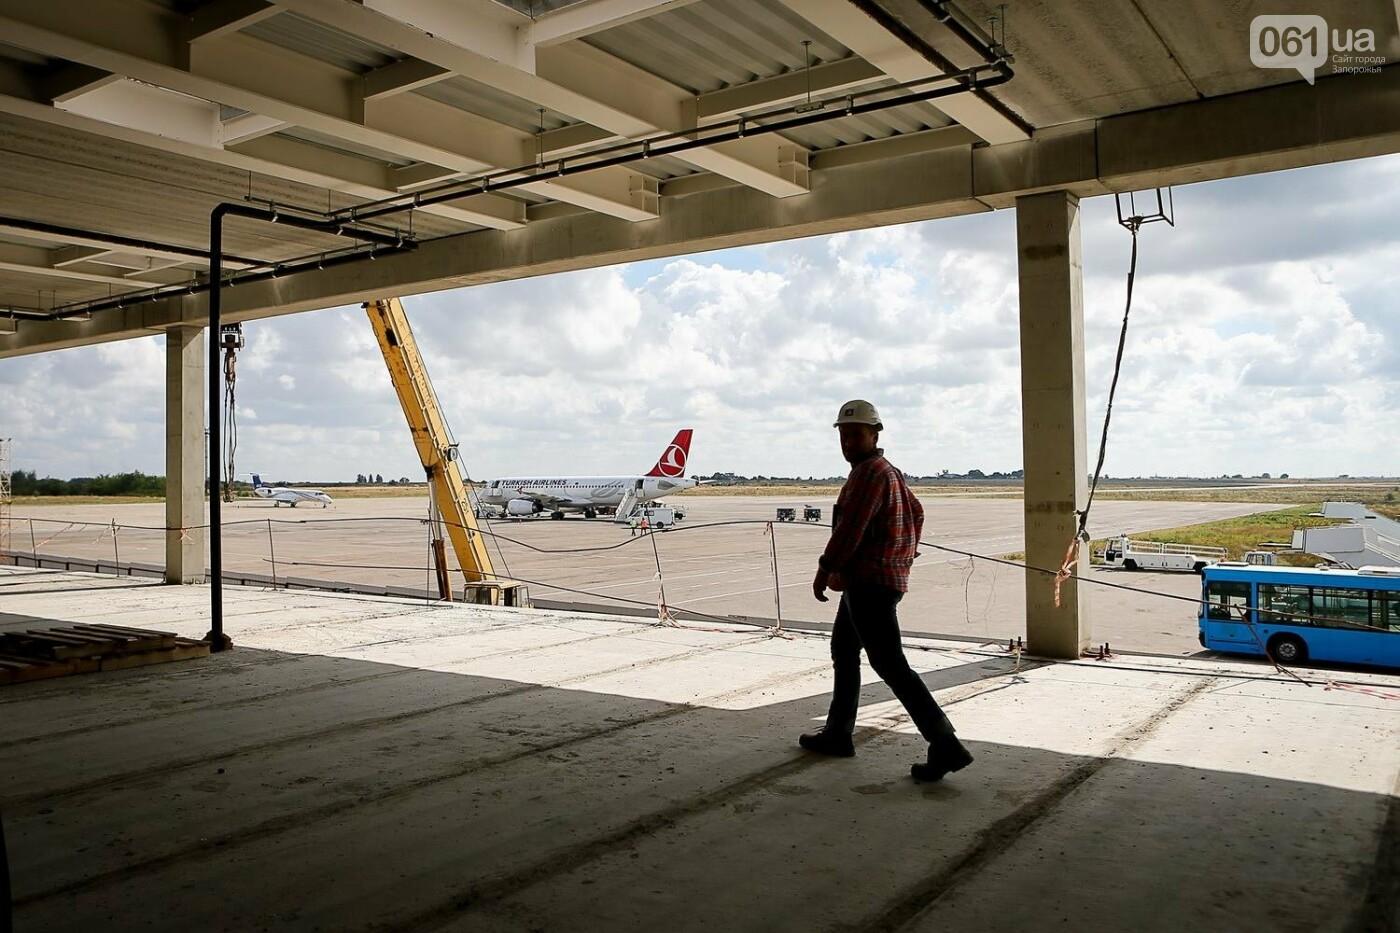 Как идет строительство нового терминала аэропорта Запорожья 36